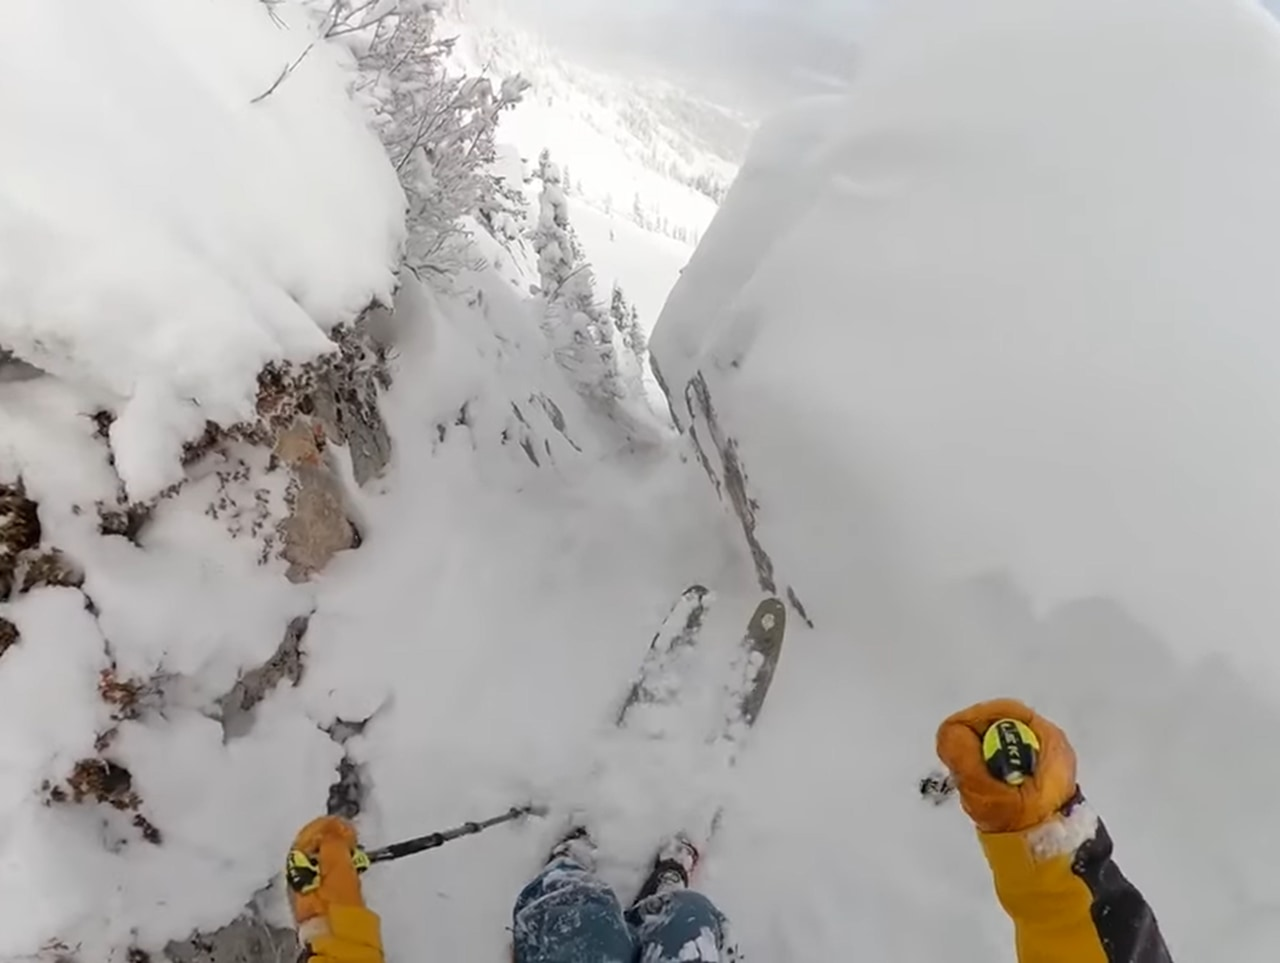 爽快!雪の谷をスキーで滑走する映像がスリル満点!